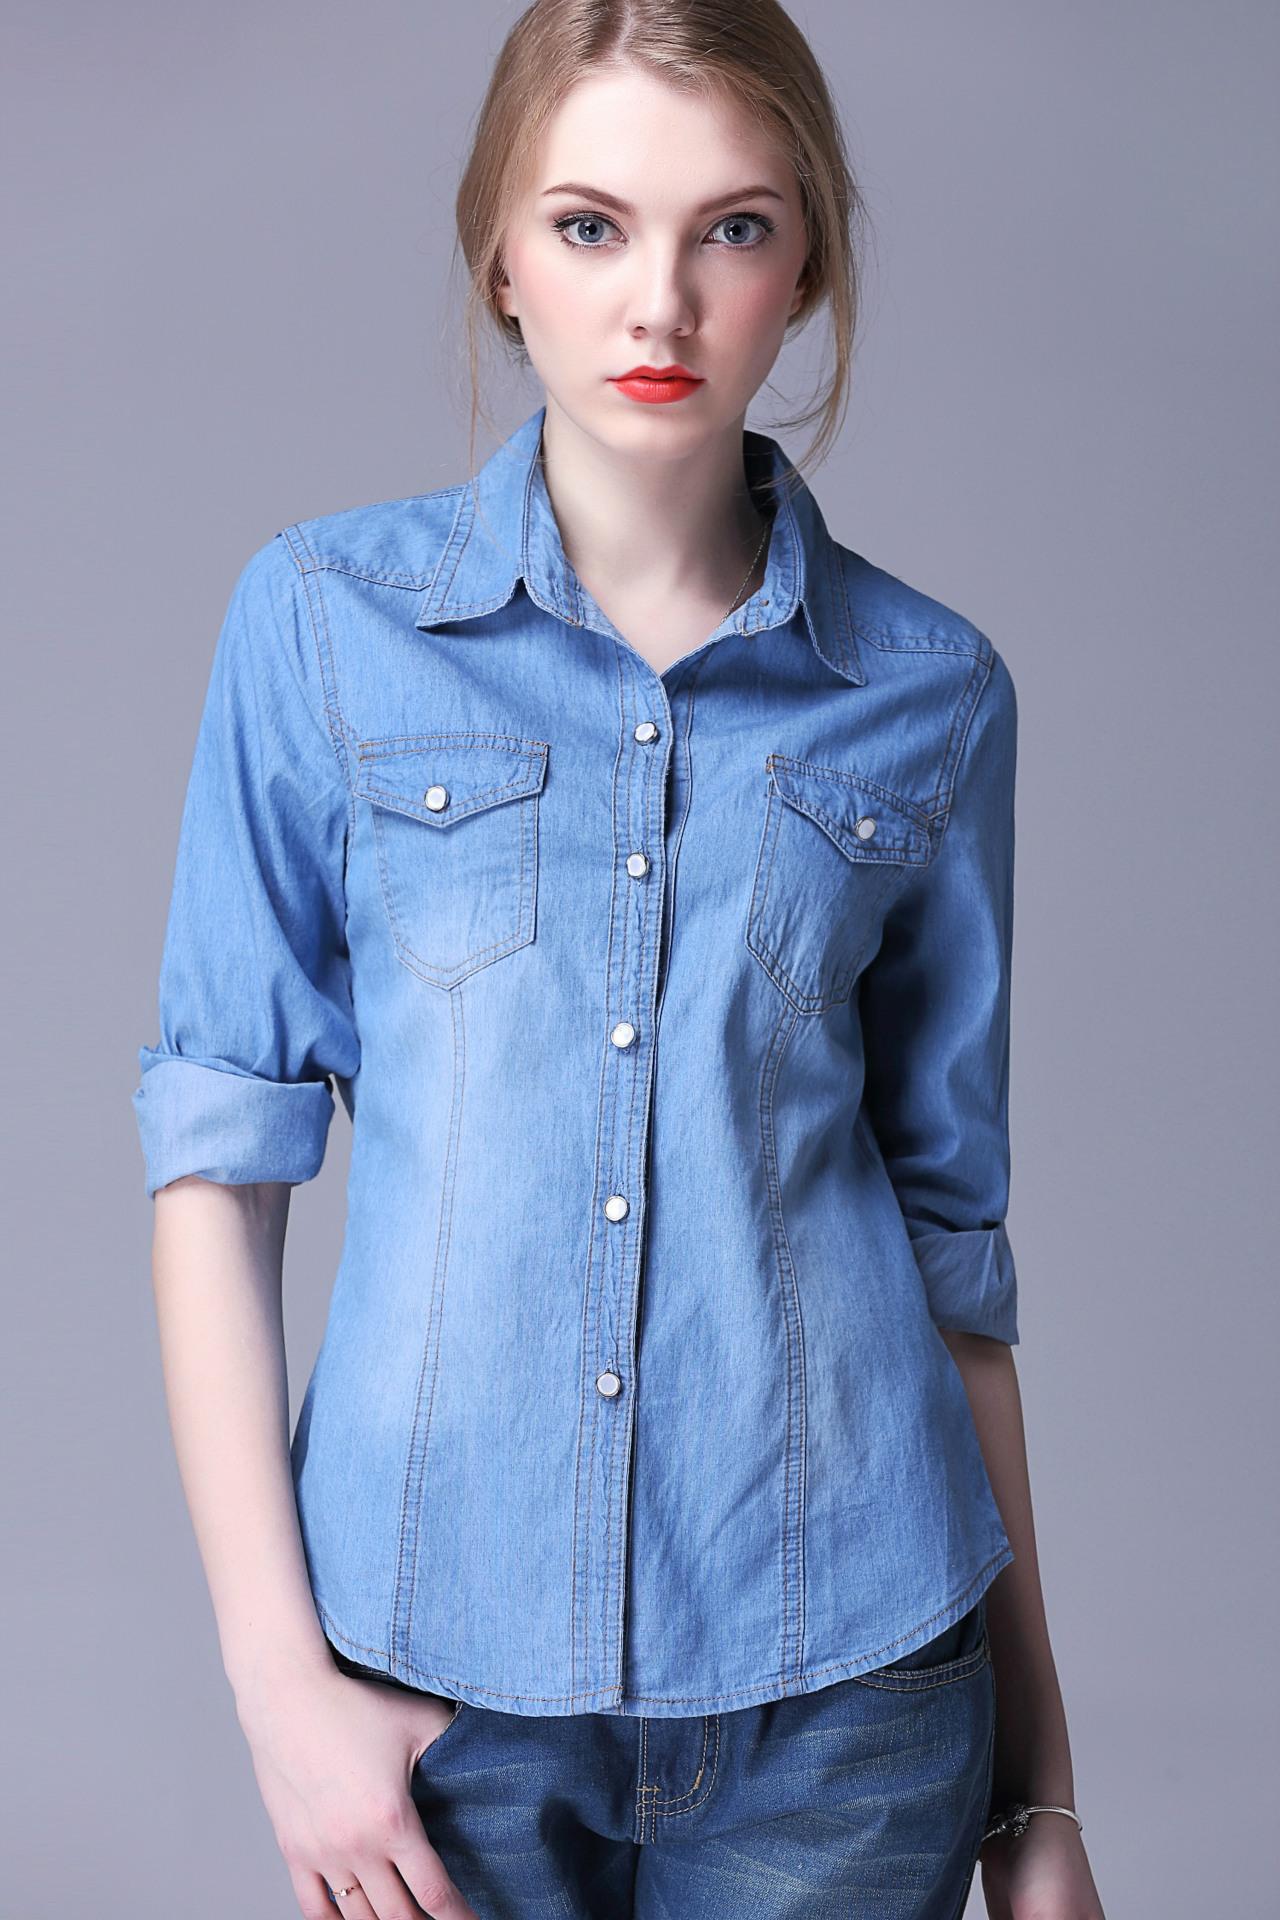 Appealing women denim shirts